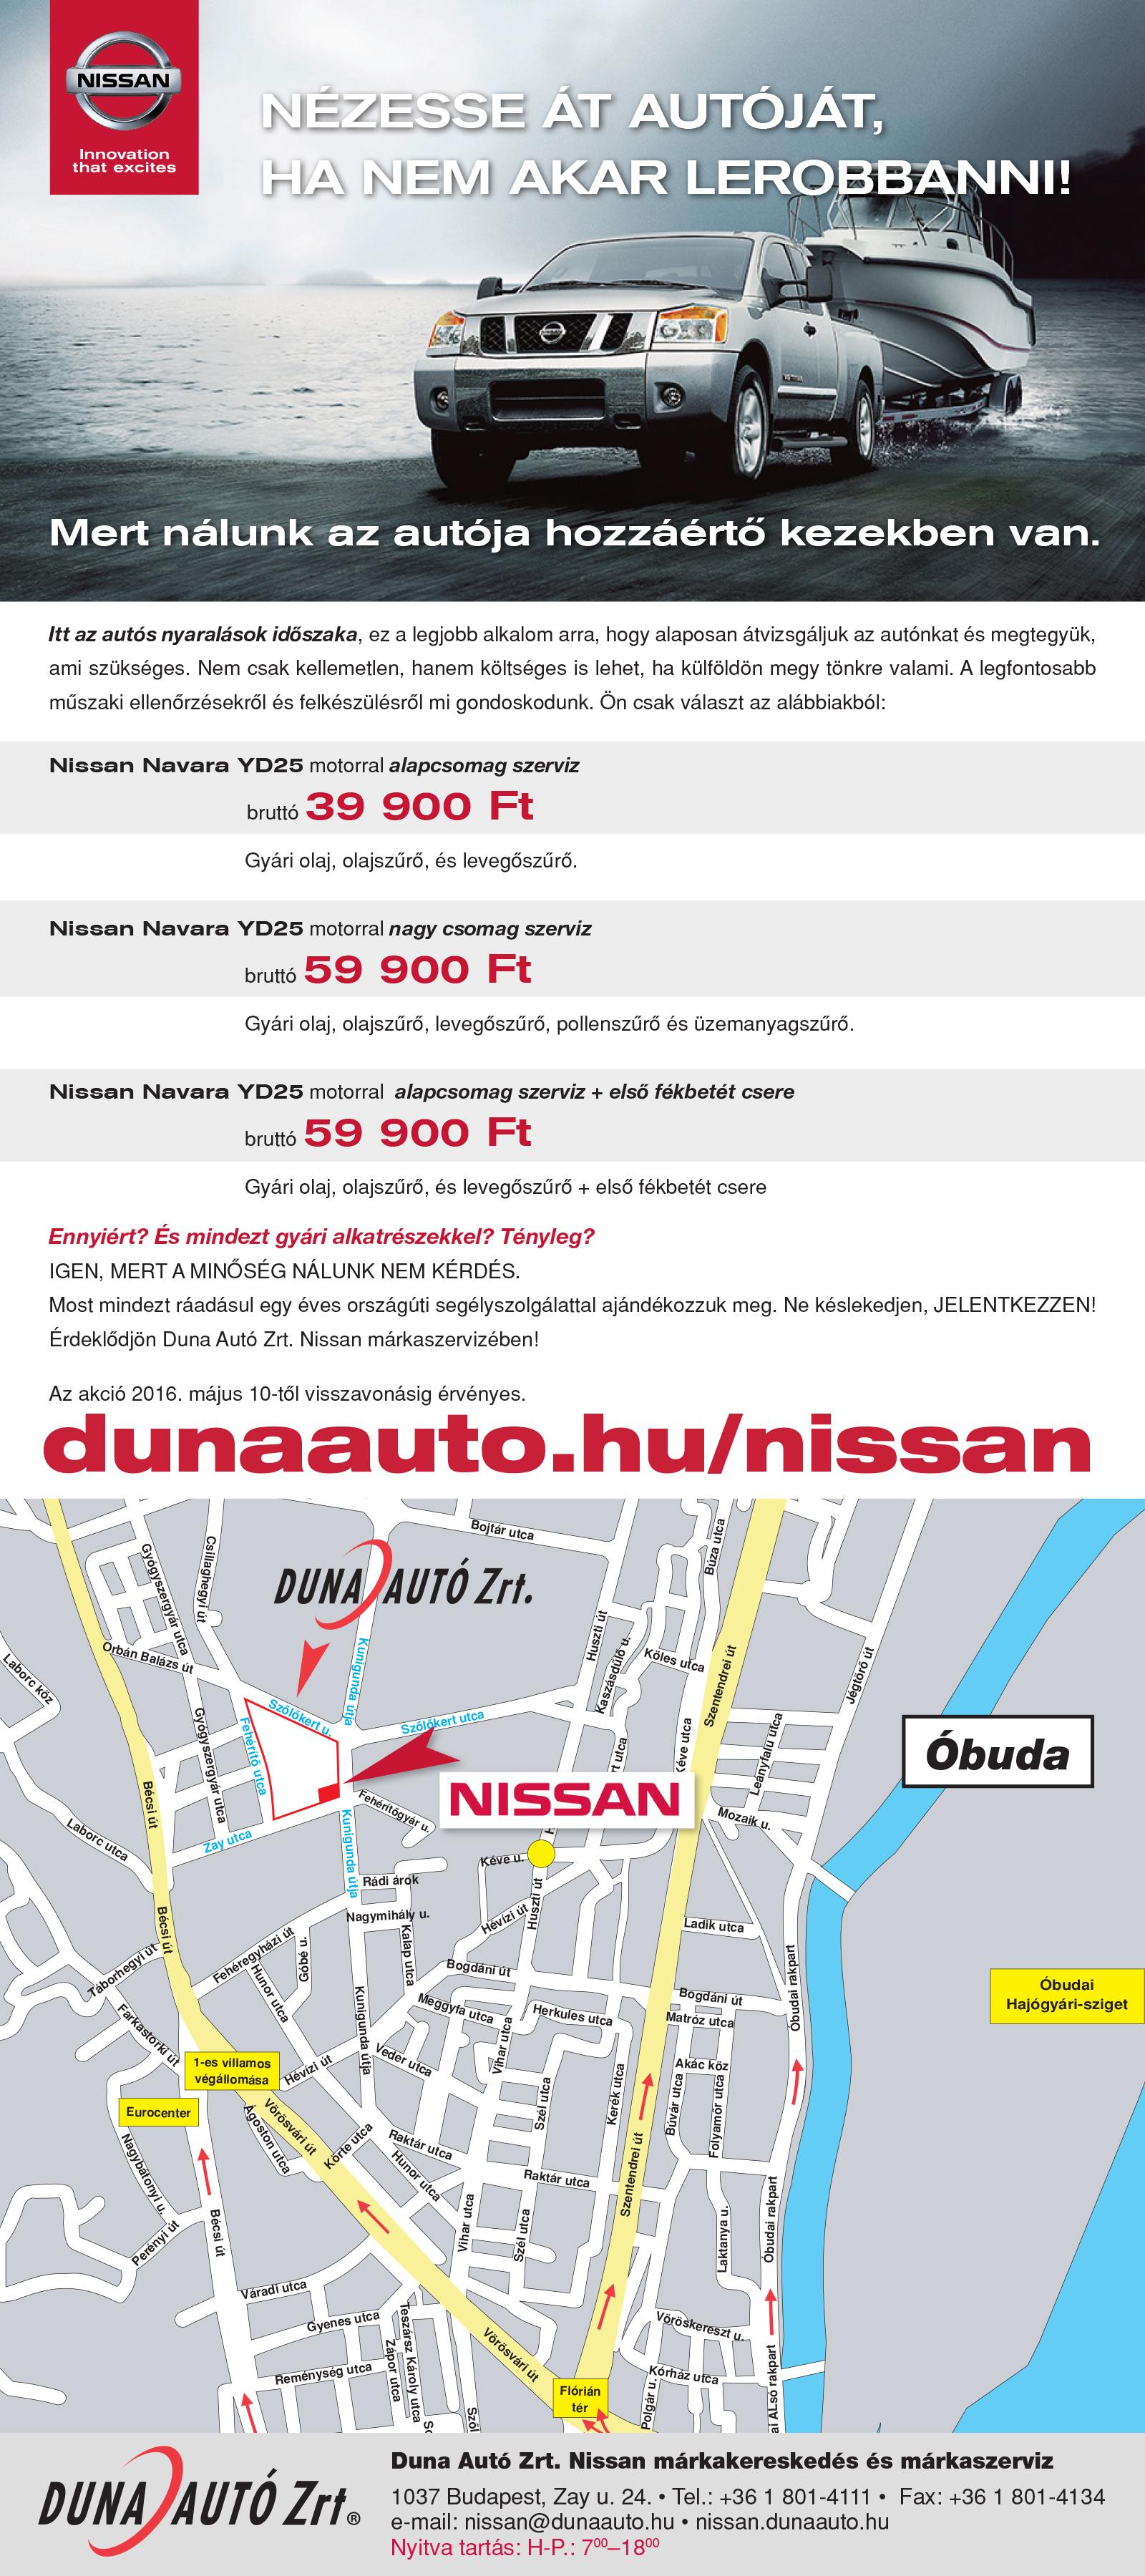 Nissan navara nézesse át autóját